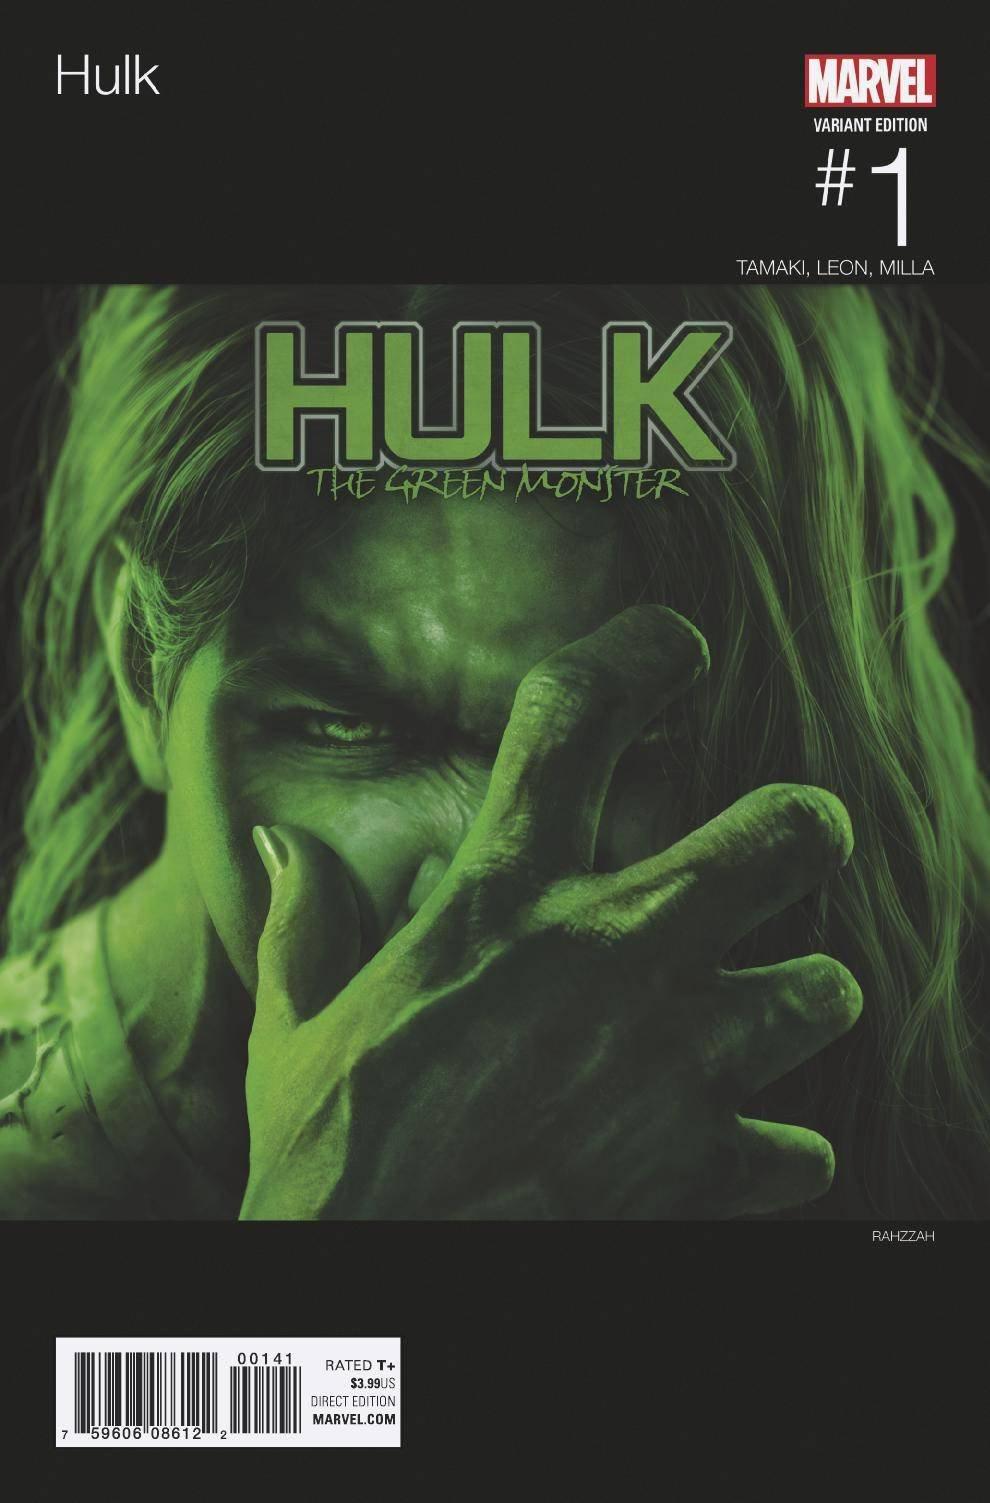 Buy Hulk Rahzzah Hip Hop Now!